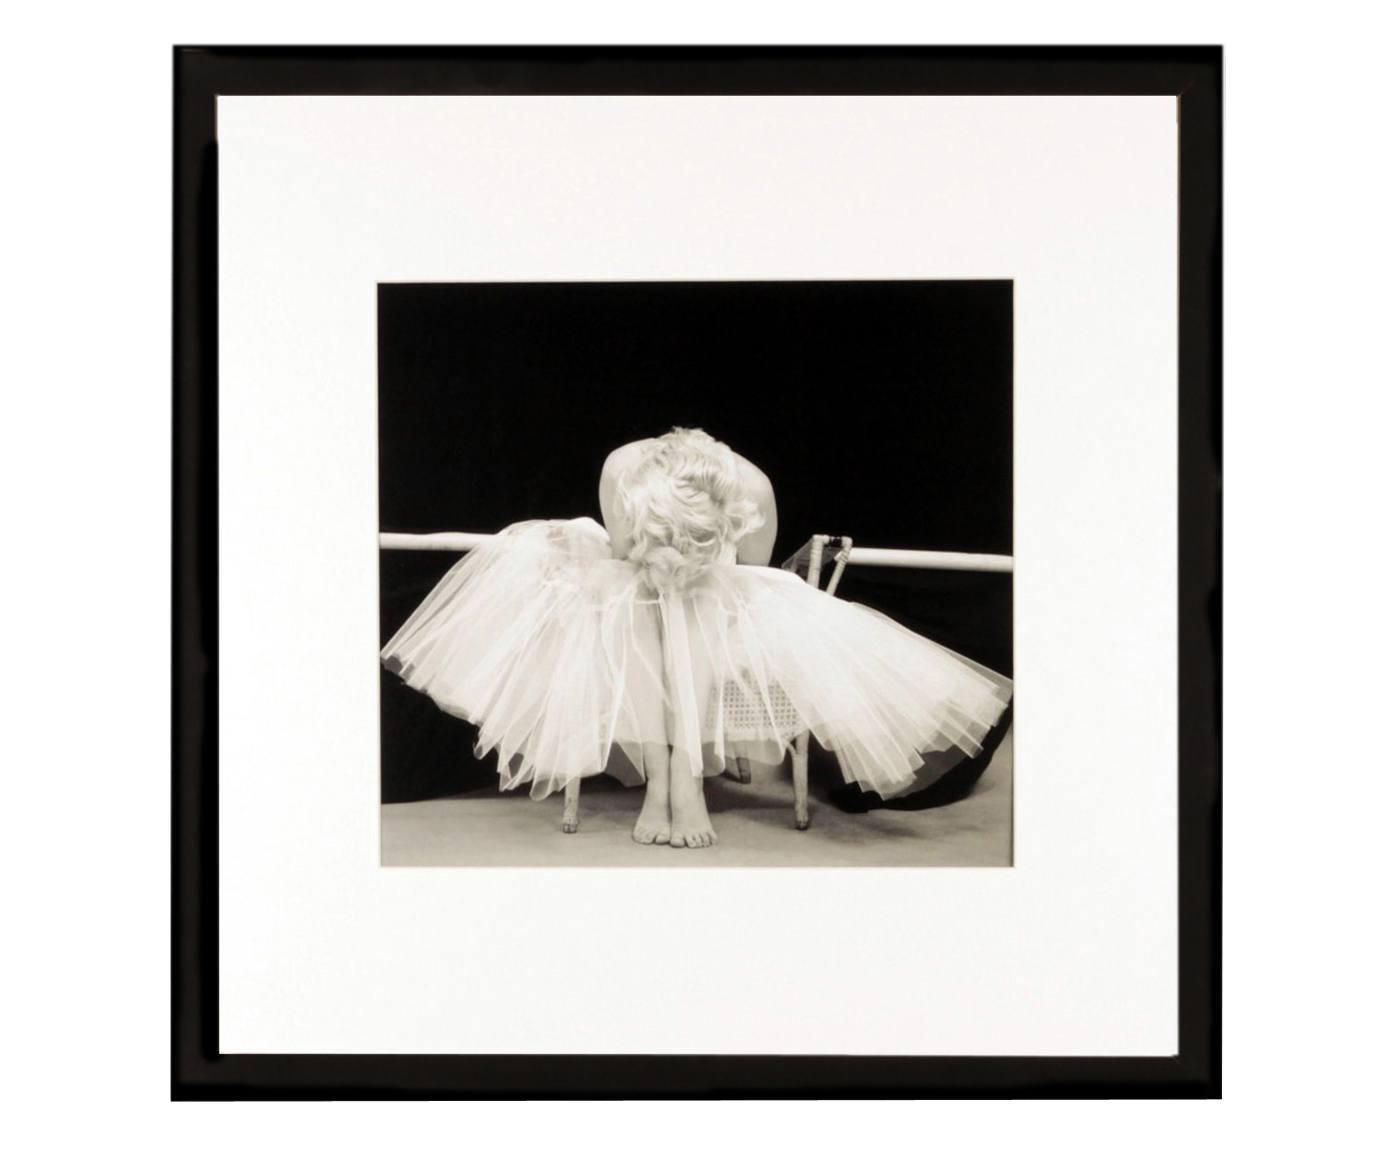 Gerahmter Digitaldruck Ballerina, Bild: Digitaldruck, Rahmen: Kunststoff, Front: Glas, Bild: Schwarz, Weiß<br>Rahmen: Schwarz, 40 x 40 cm